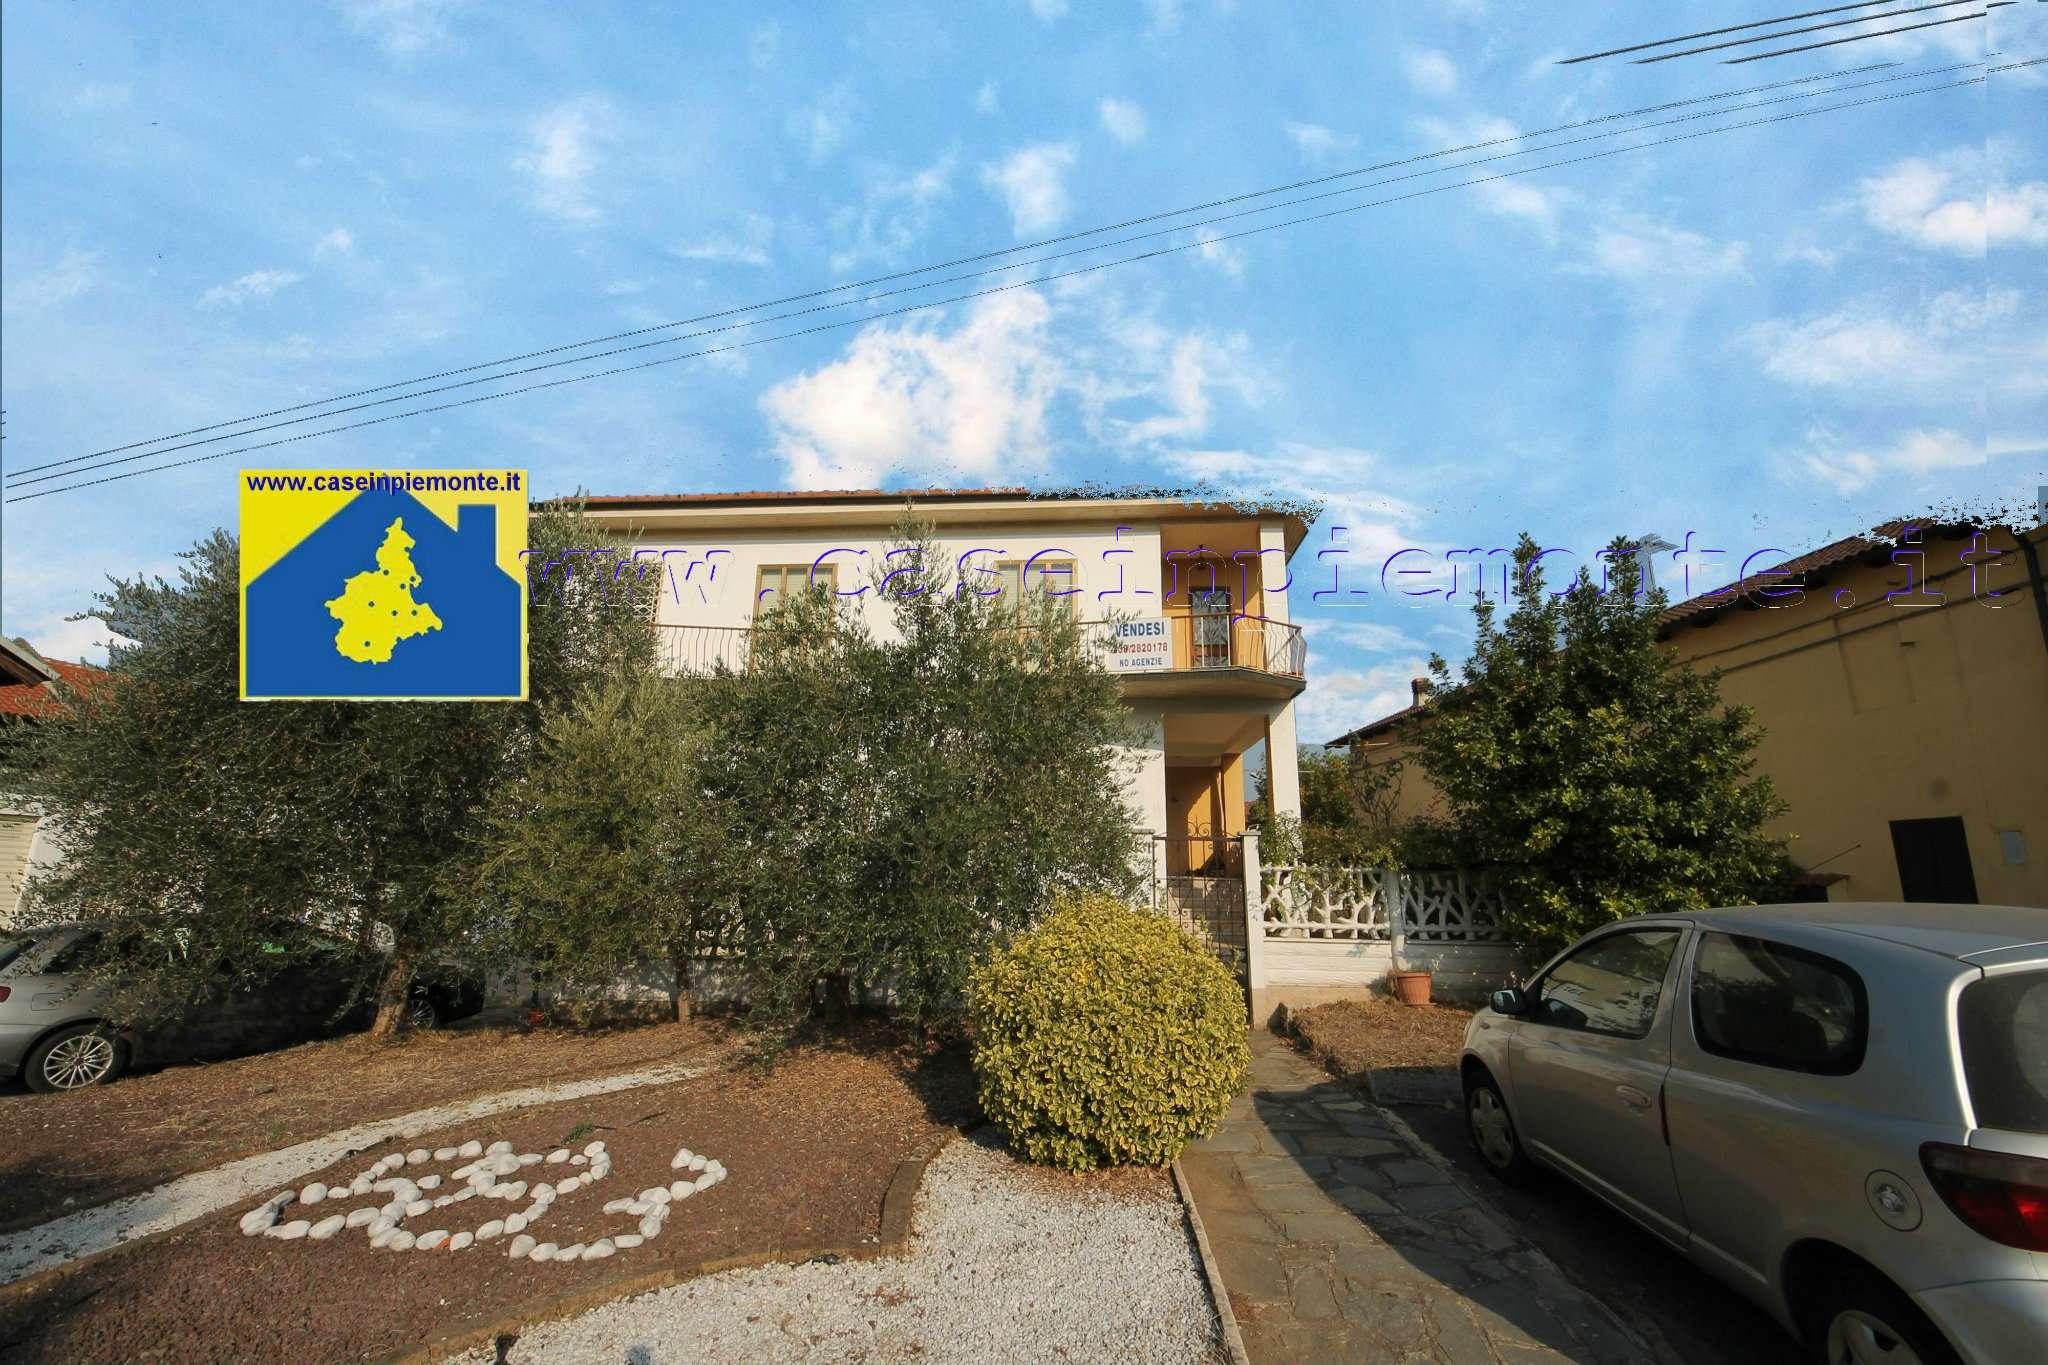 Soluzione Semindipendente in vendita a Val della Torre, 7 locali, prezzo € 150.000 | PortaleAgenzieImmobiliari.it